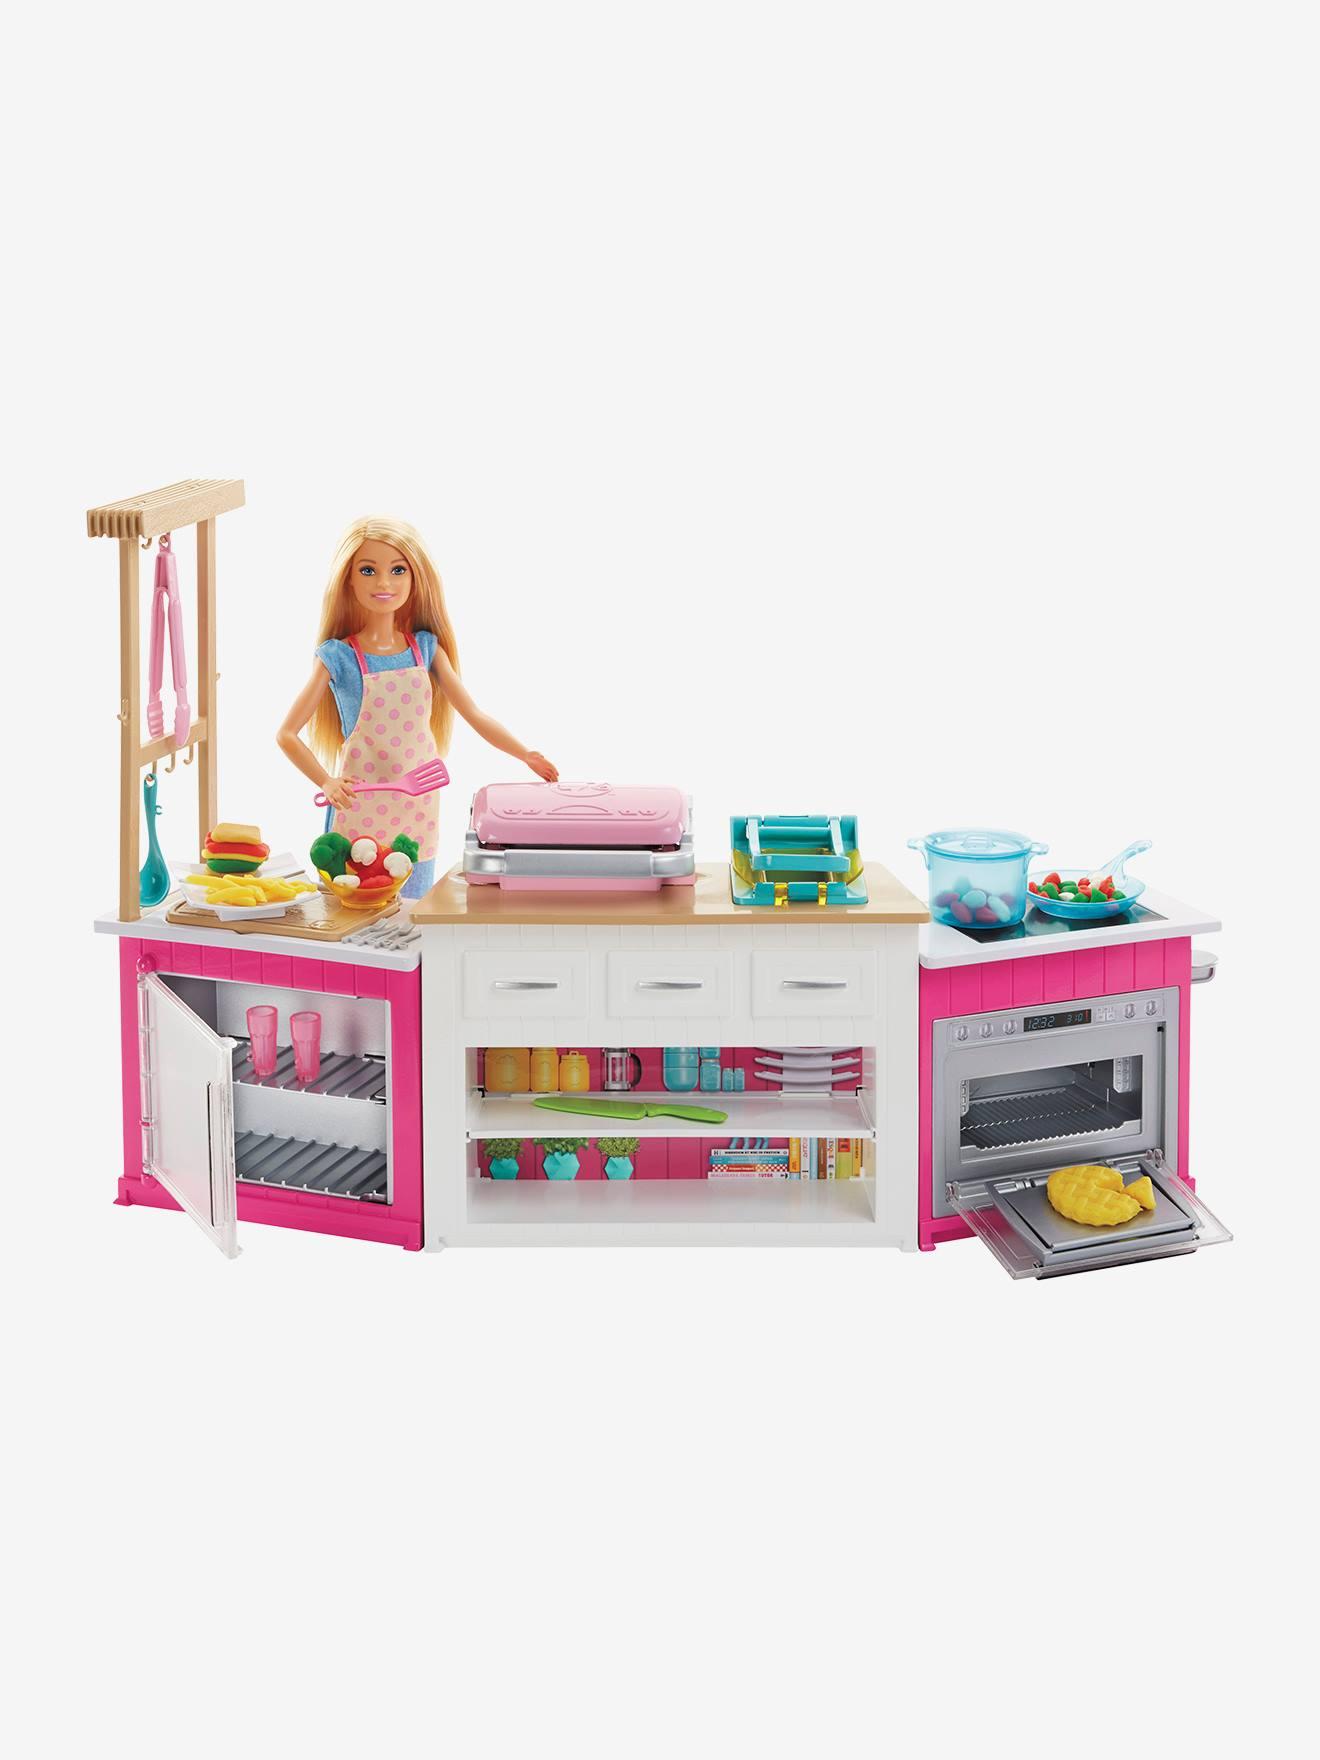 Coffret Cuisine à Modeler Barbie Mattel Rose Barbie